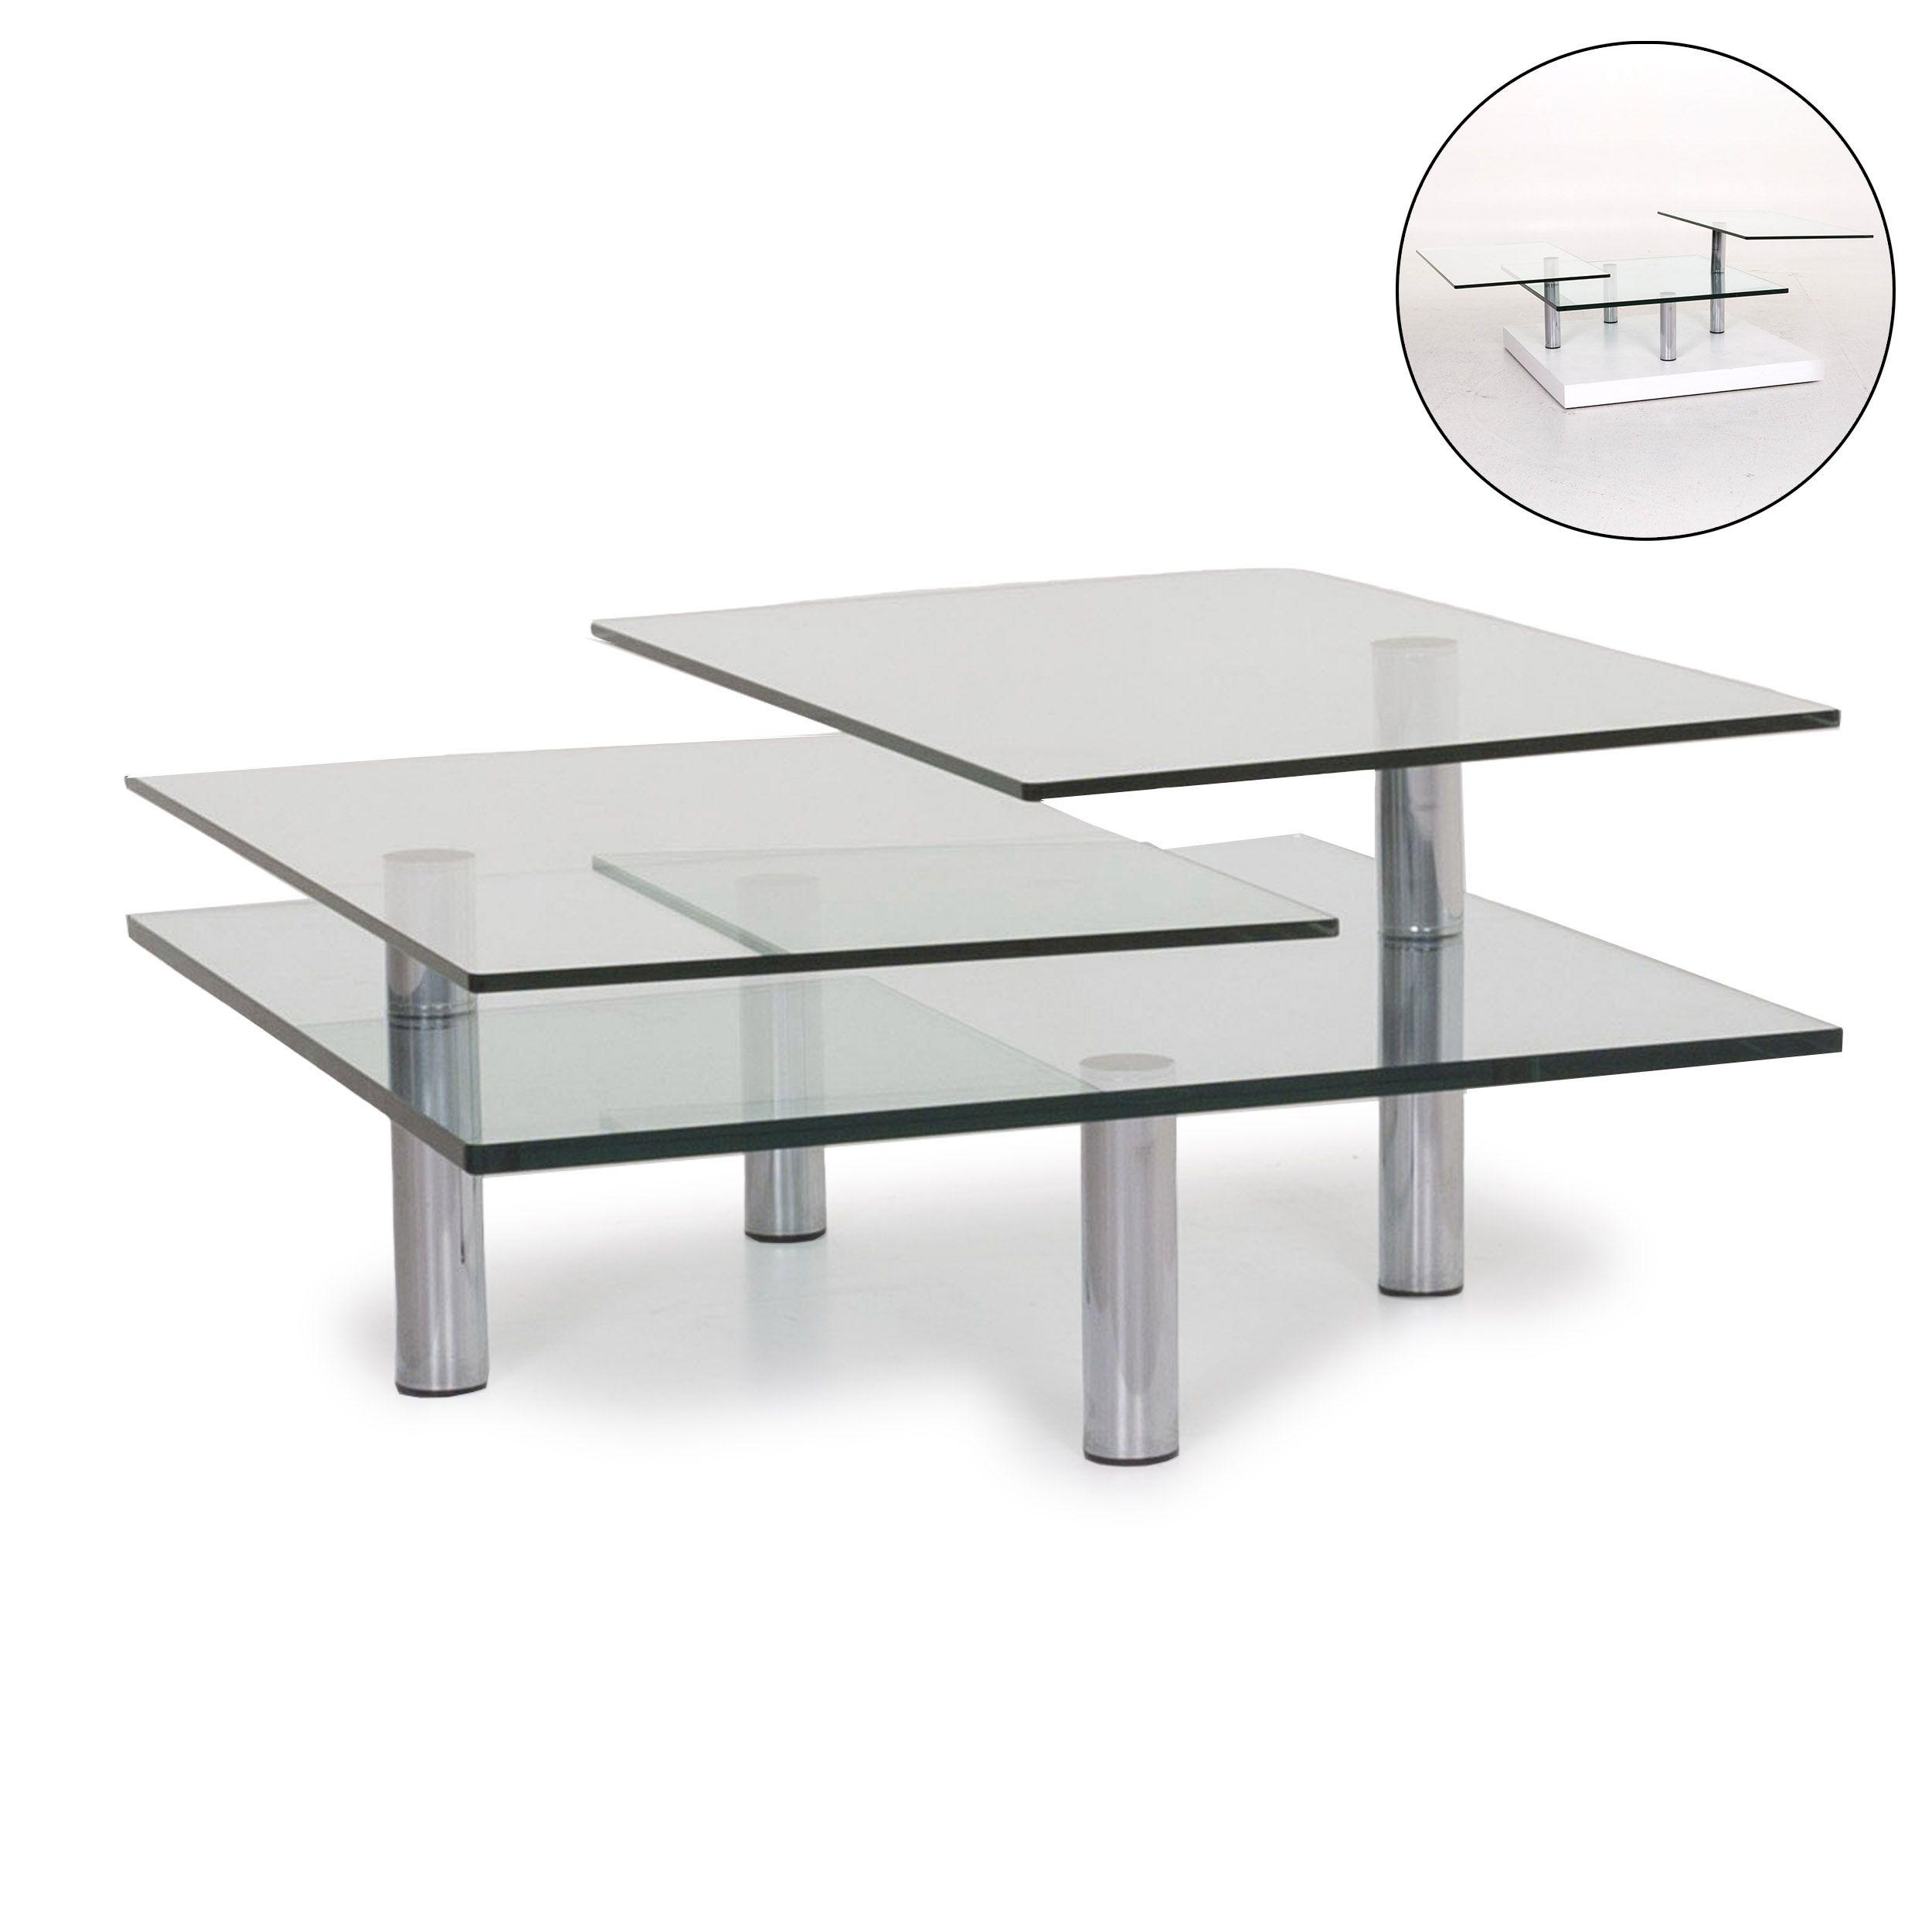 Draenert Imperial Glas Couchtisch Silber Tisch 12220 In 2020 Wohnzimmertische Couchtisch Glas Silberner Tisch